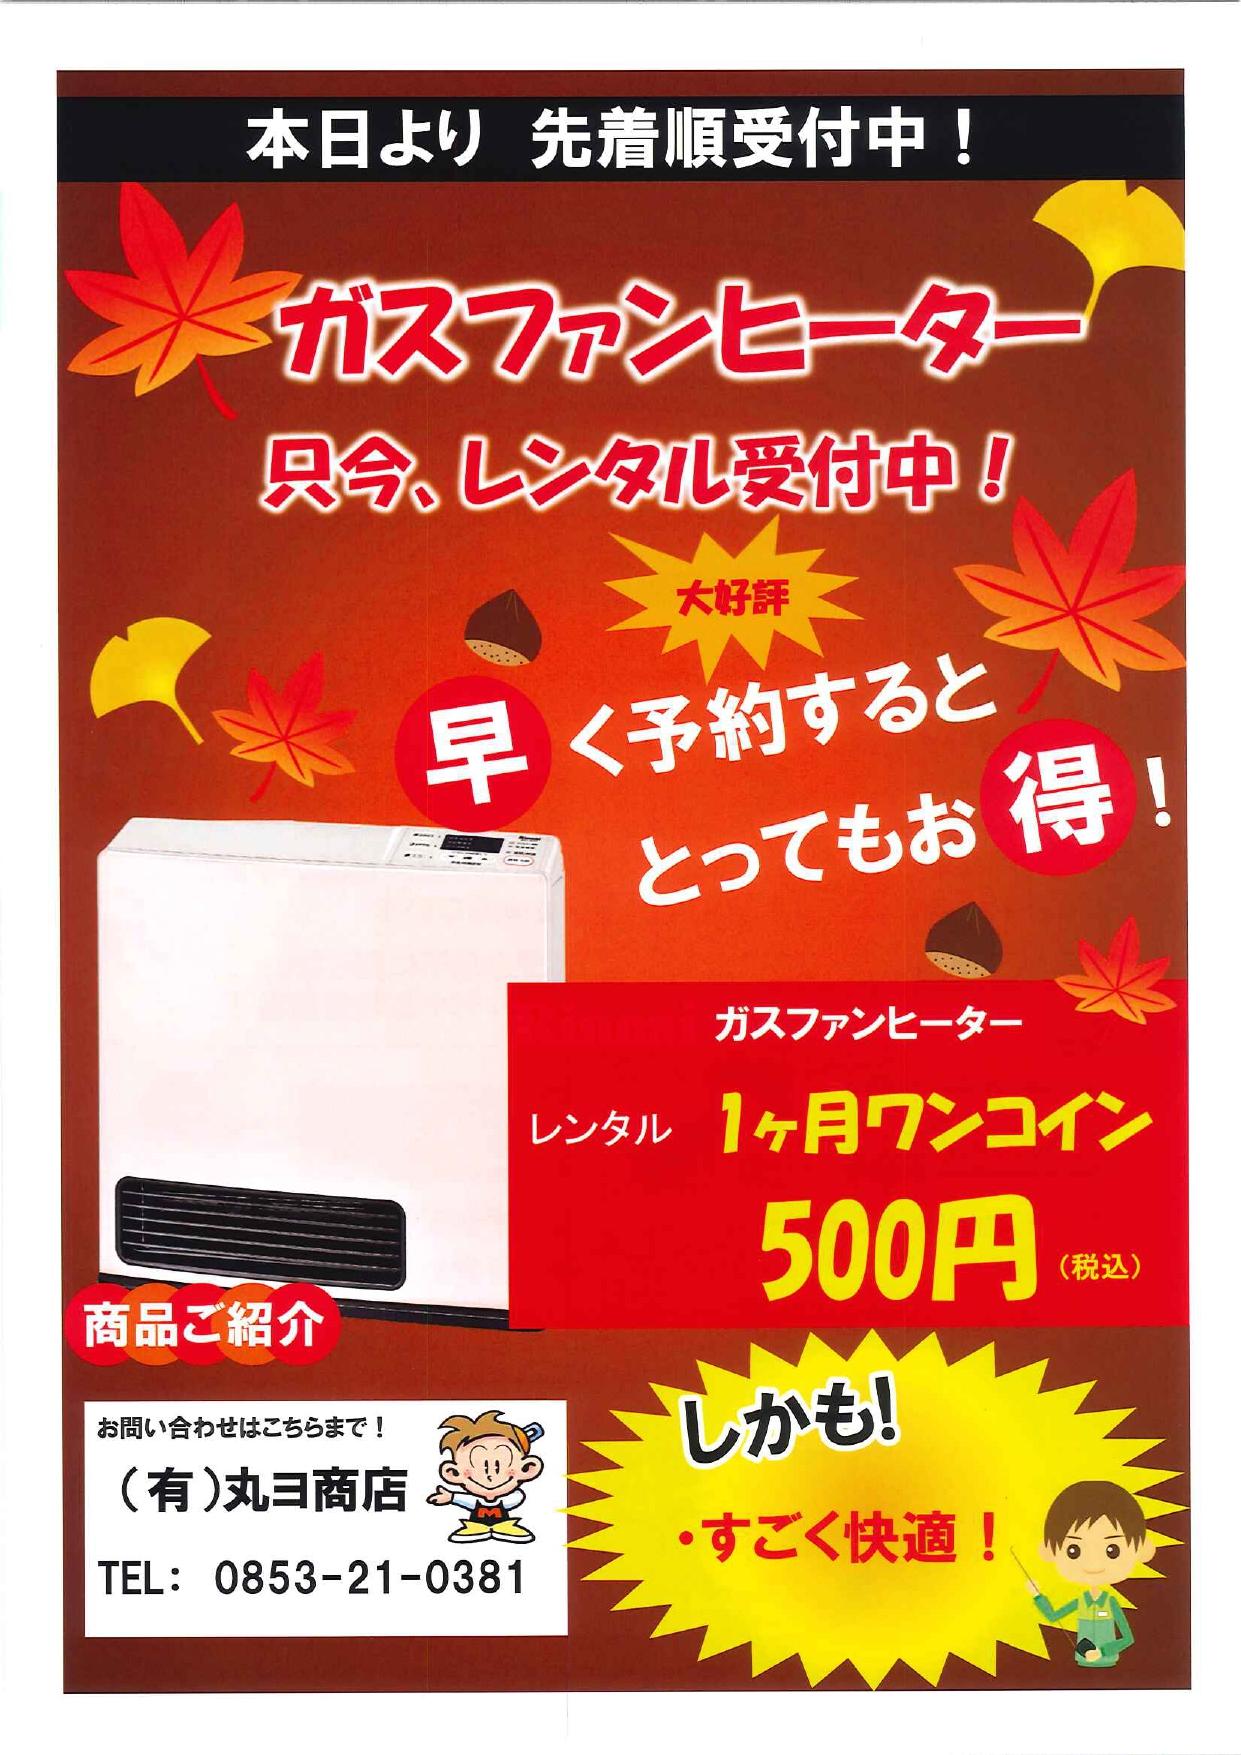 記事 ガスファンヒーター500円レンタル受付を開始しました。のアイキャッチ画像